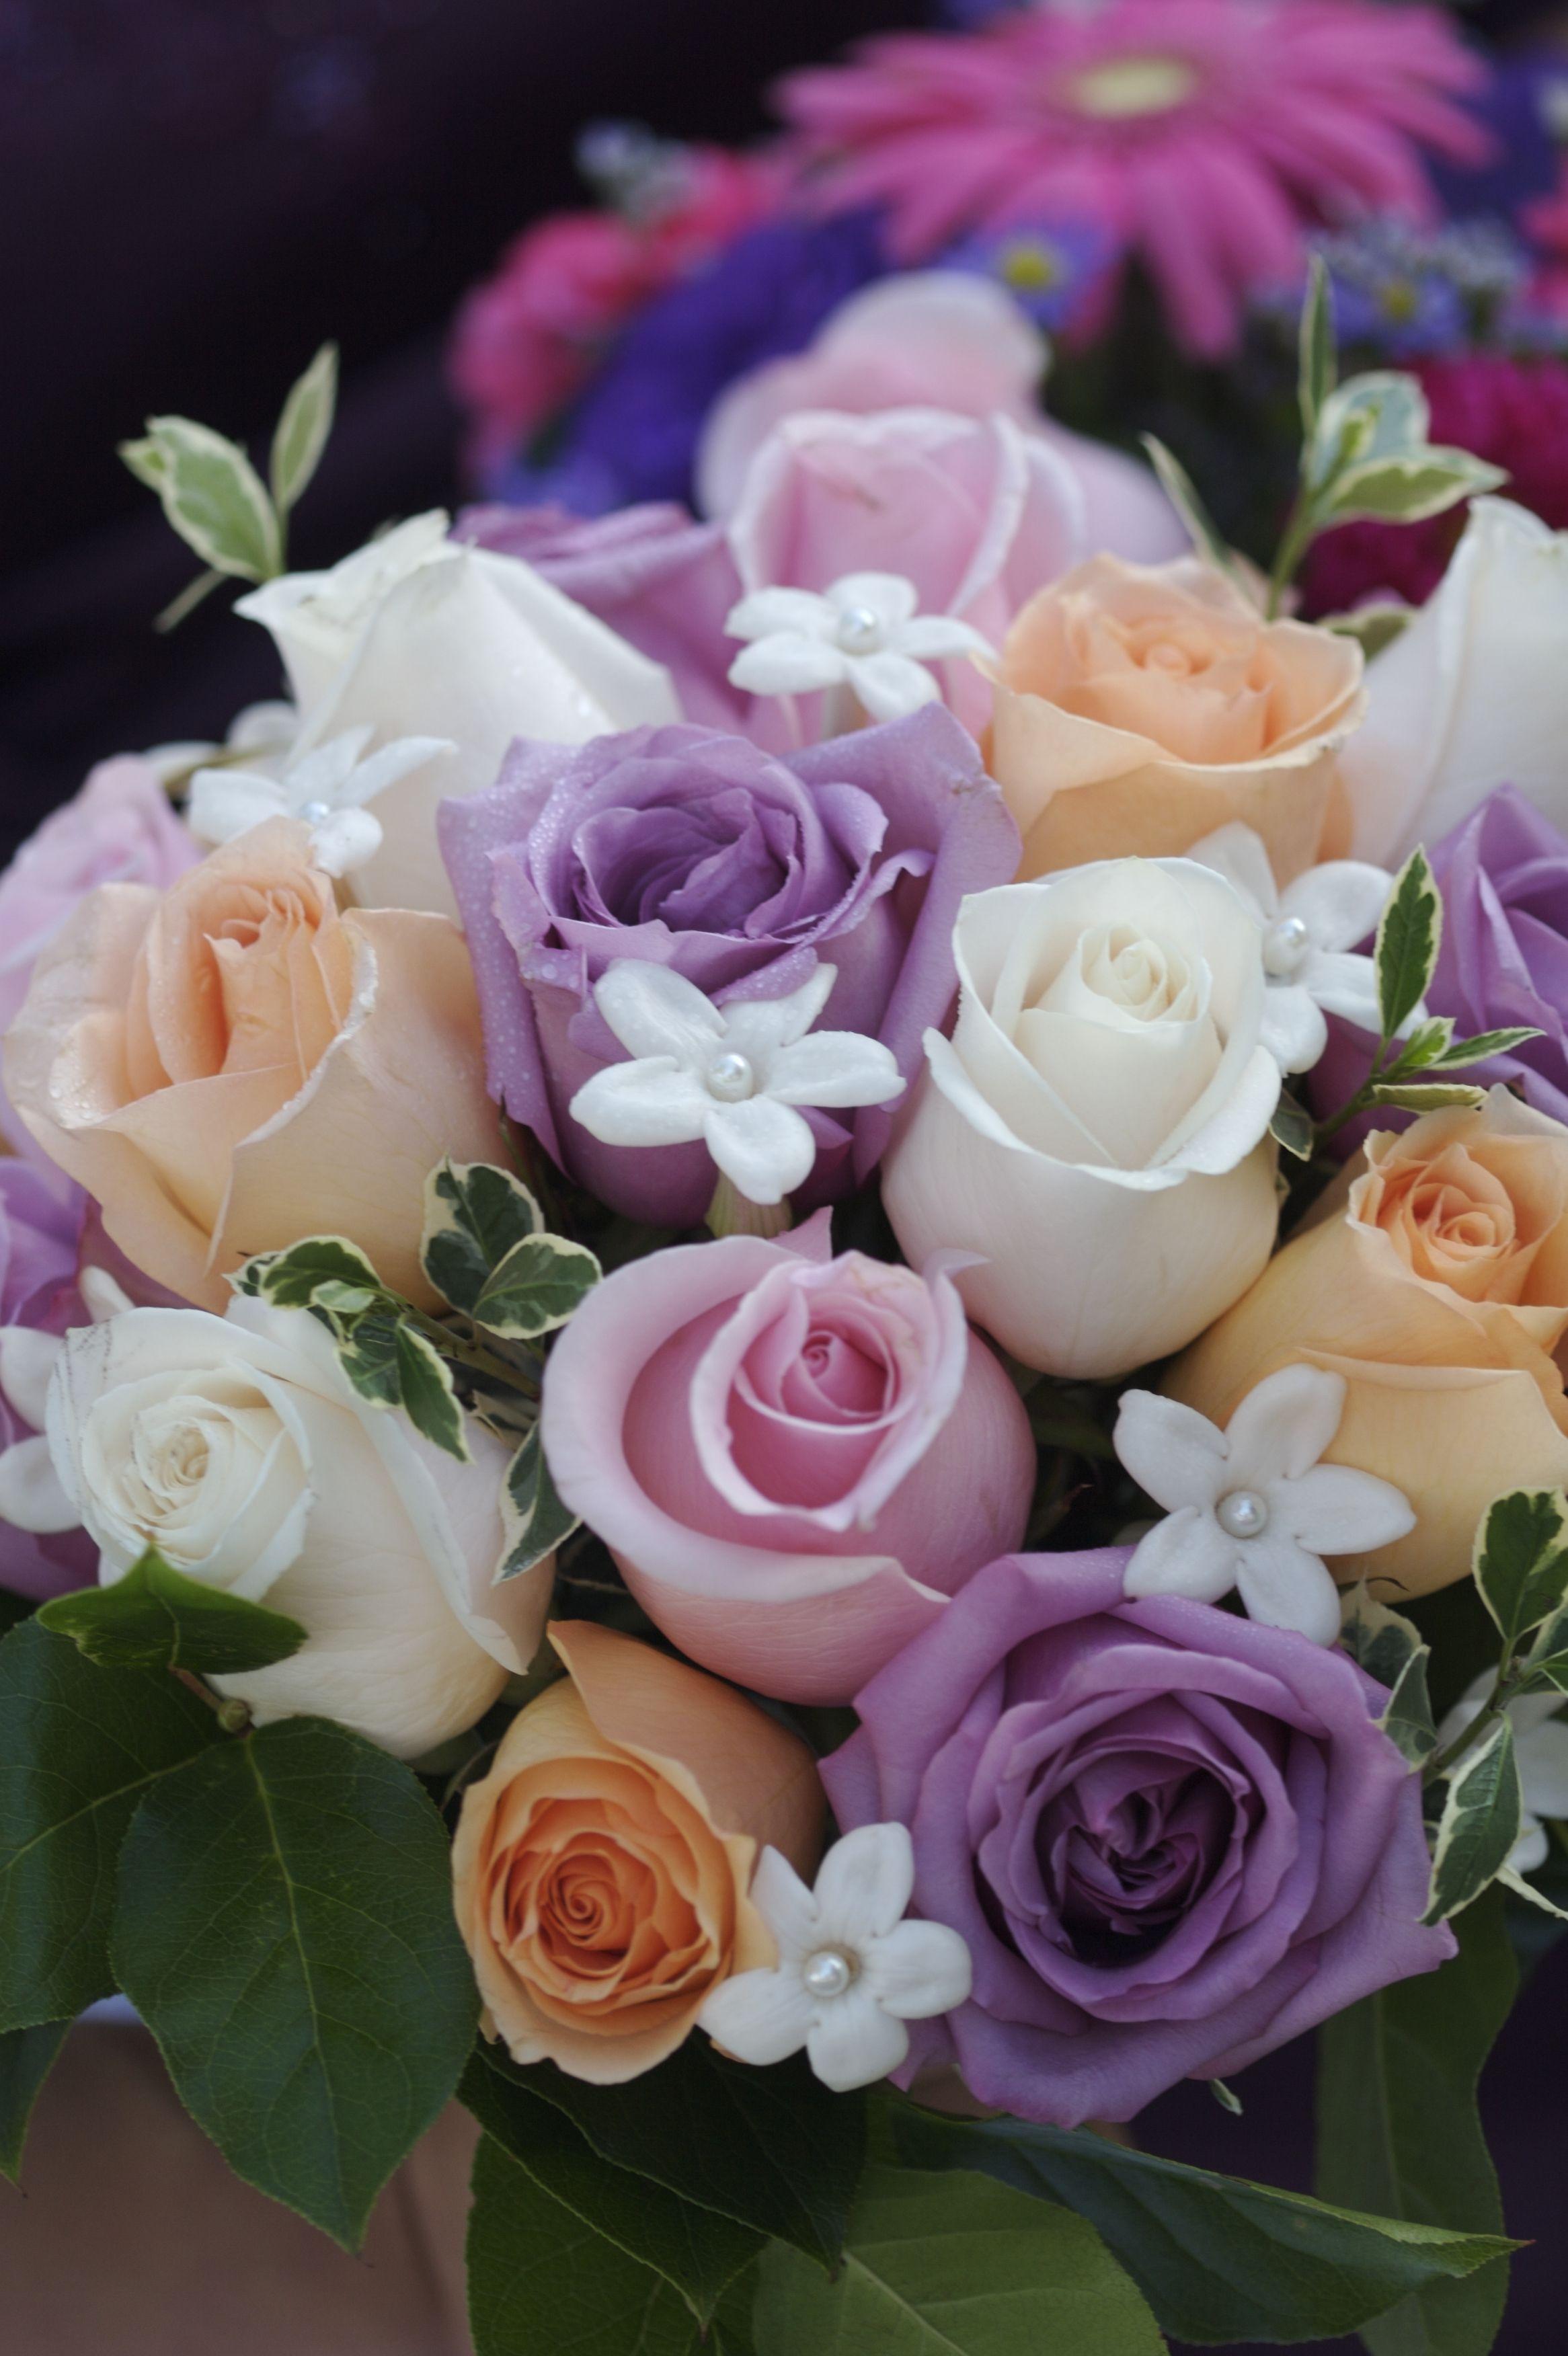 красивые картинки с свежими цветами международный